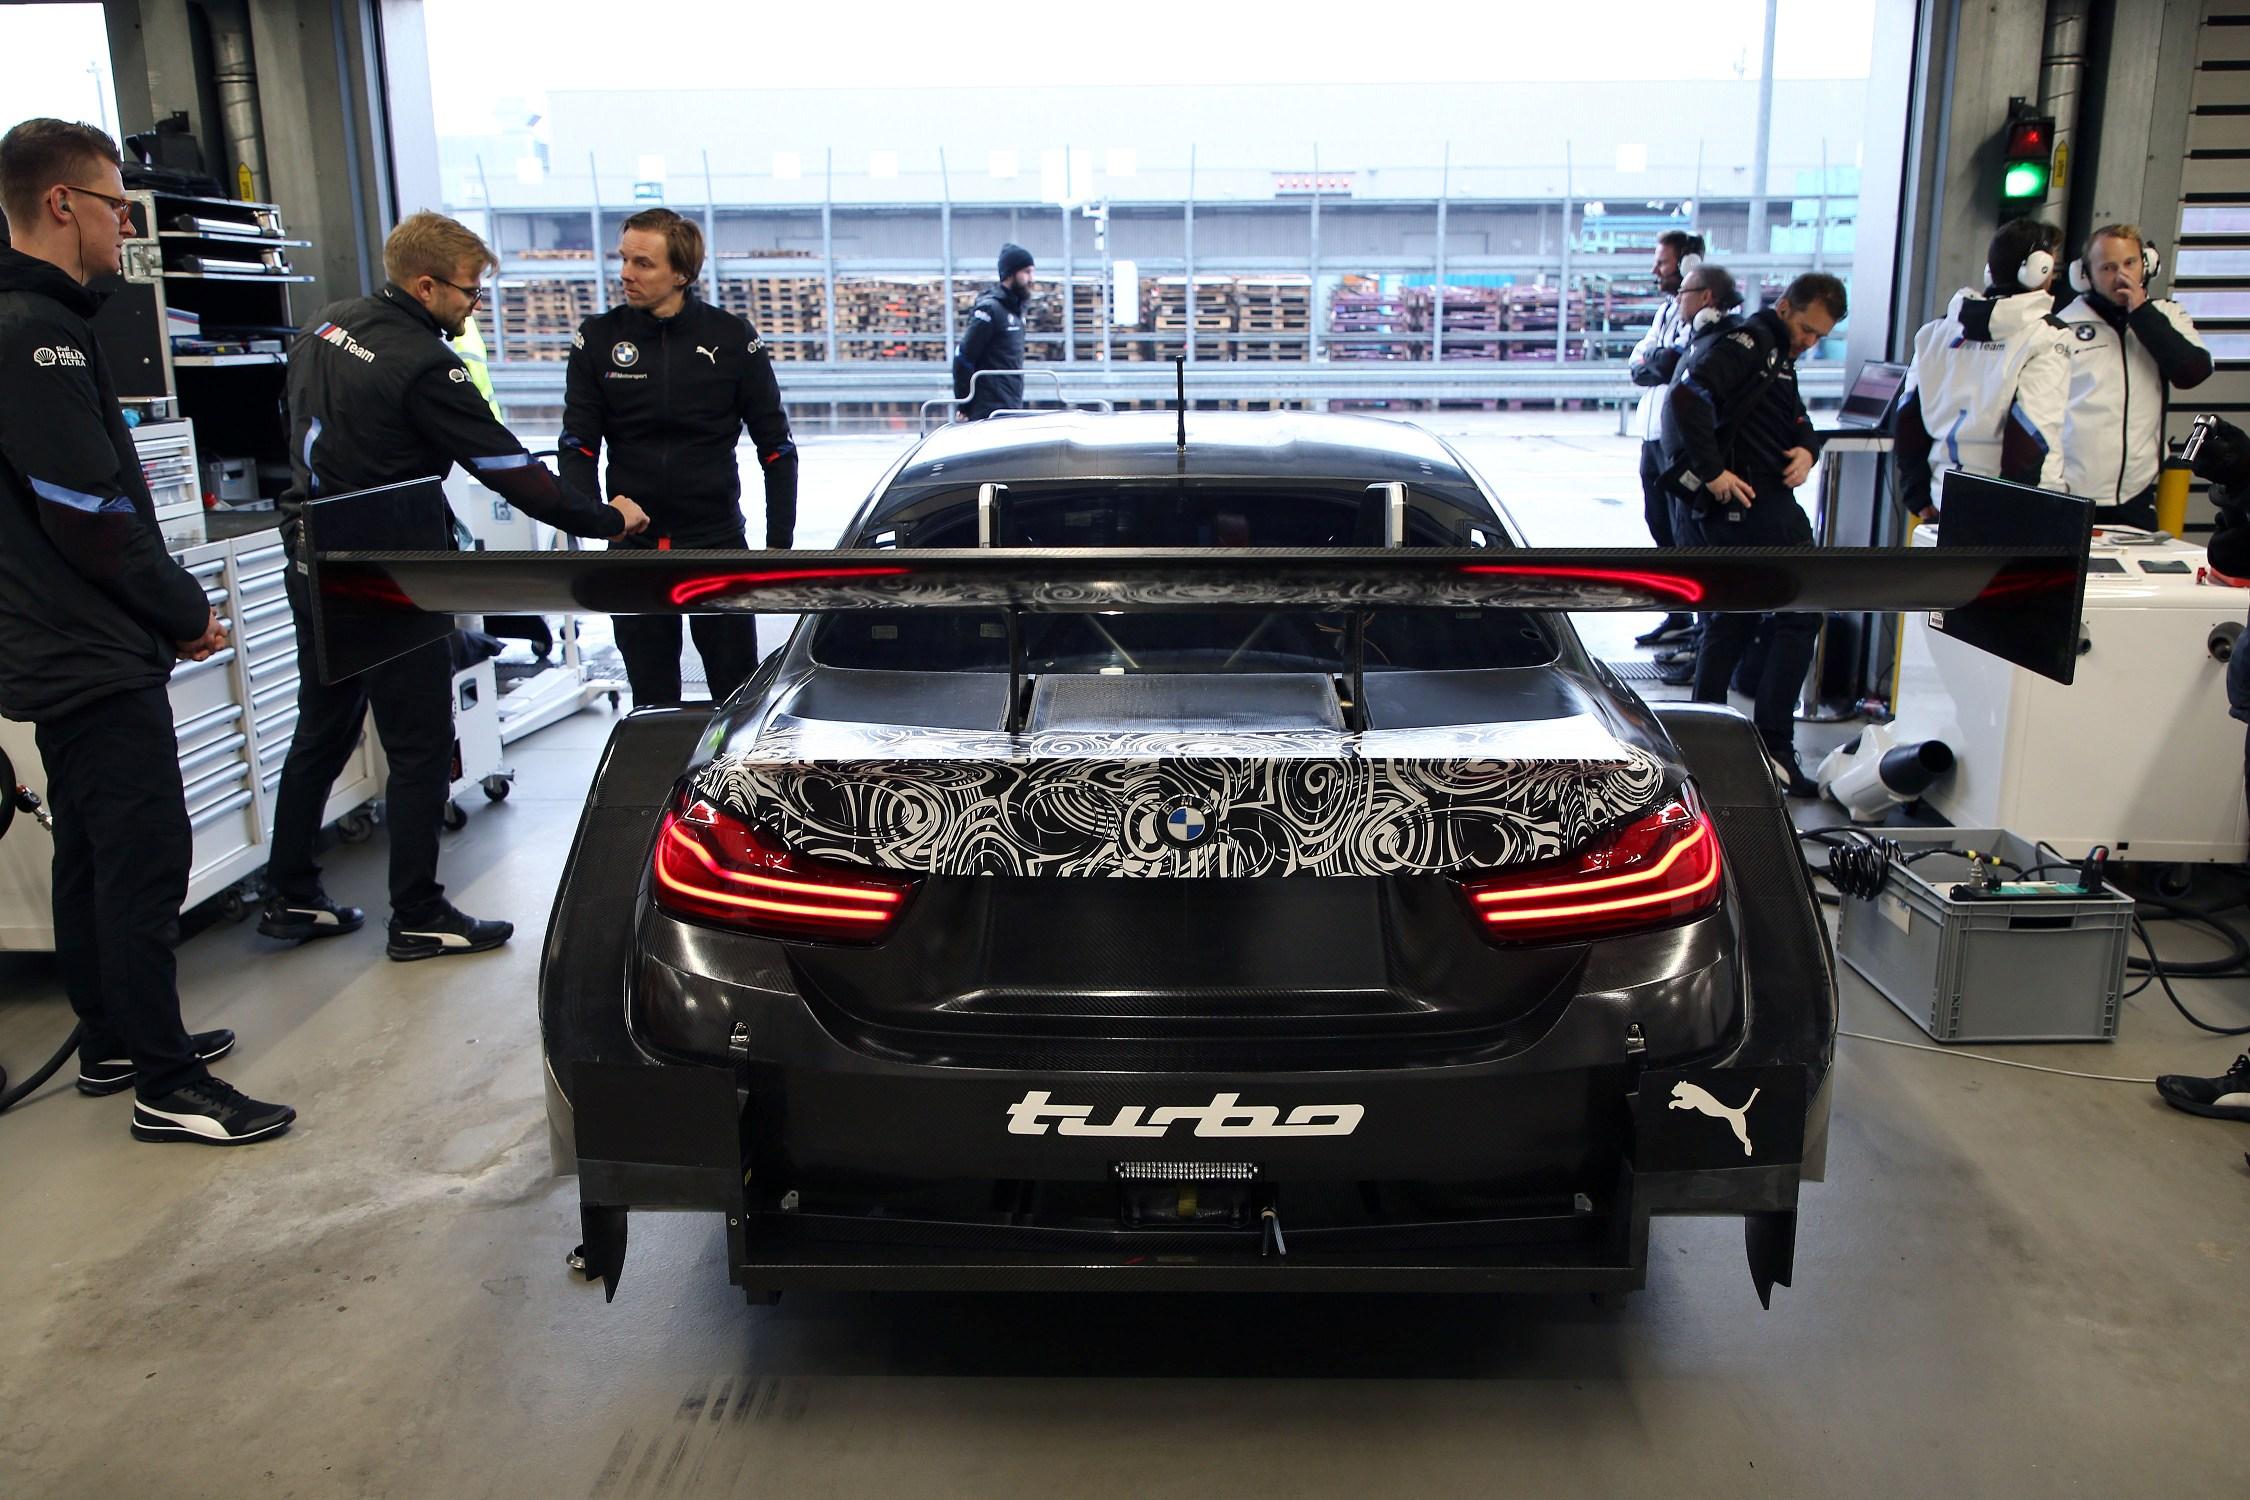 Bruno Spengler a prezentat in premiera noul BMW M4 DTM 2.0 Turbo